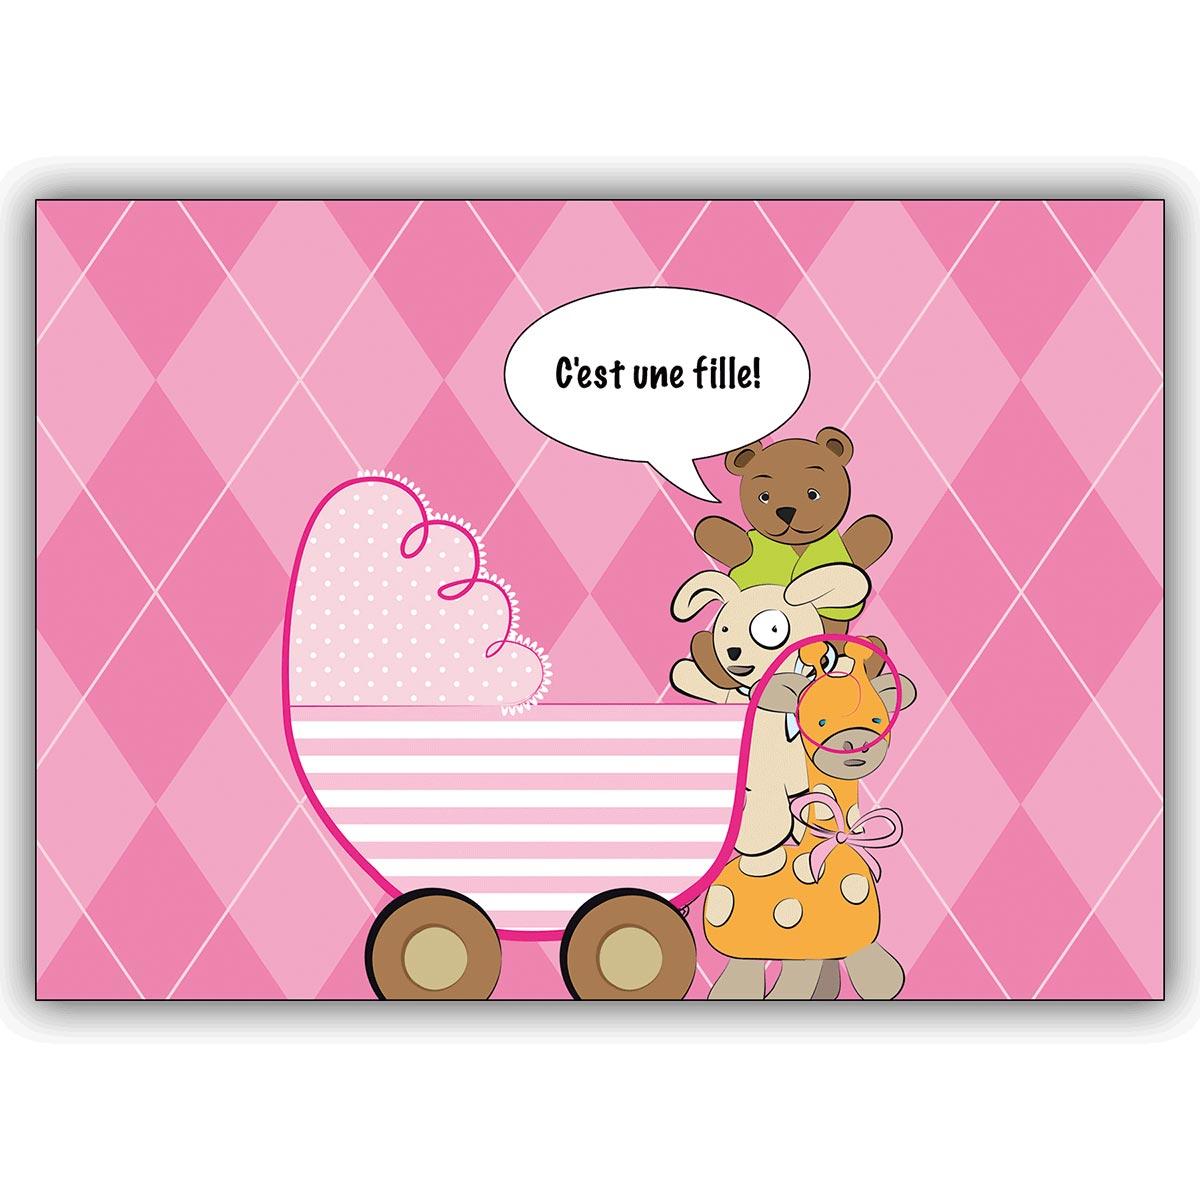 Rosa Franzosische Babykarte Madchen Mit Kinderwagen Cest Une Fille